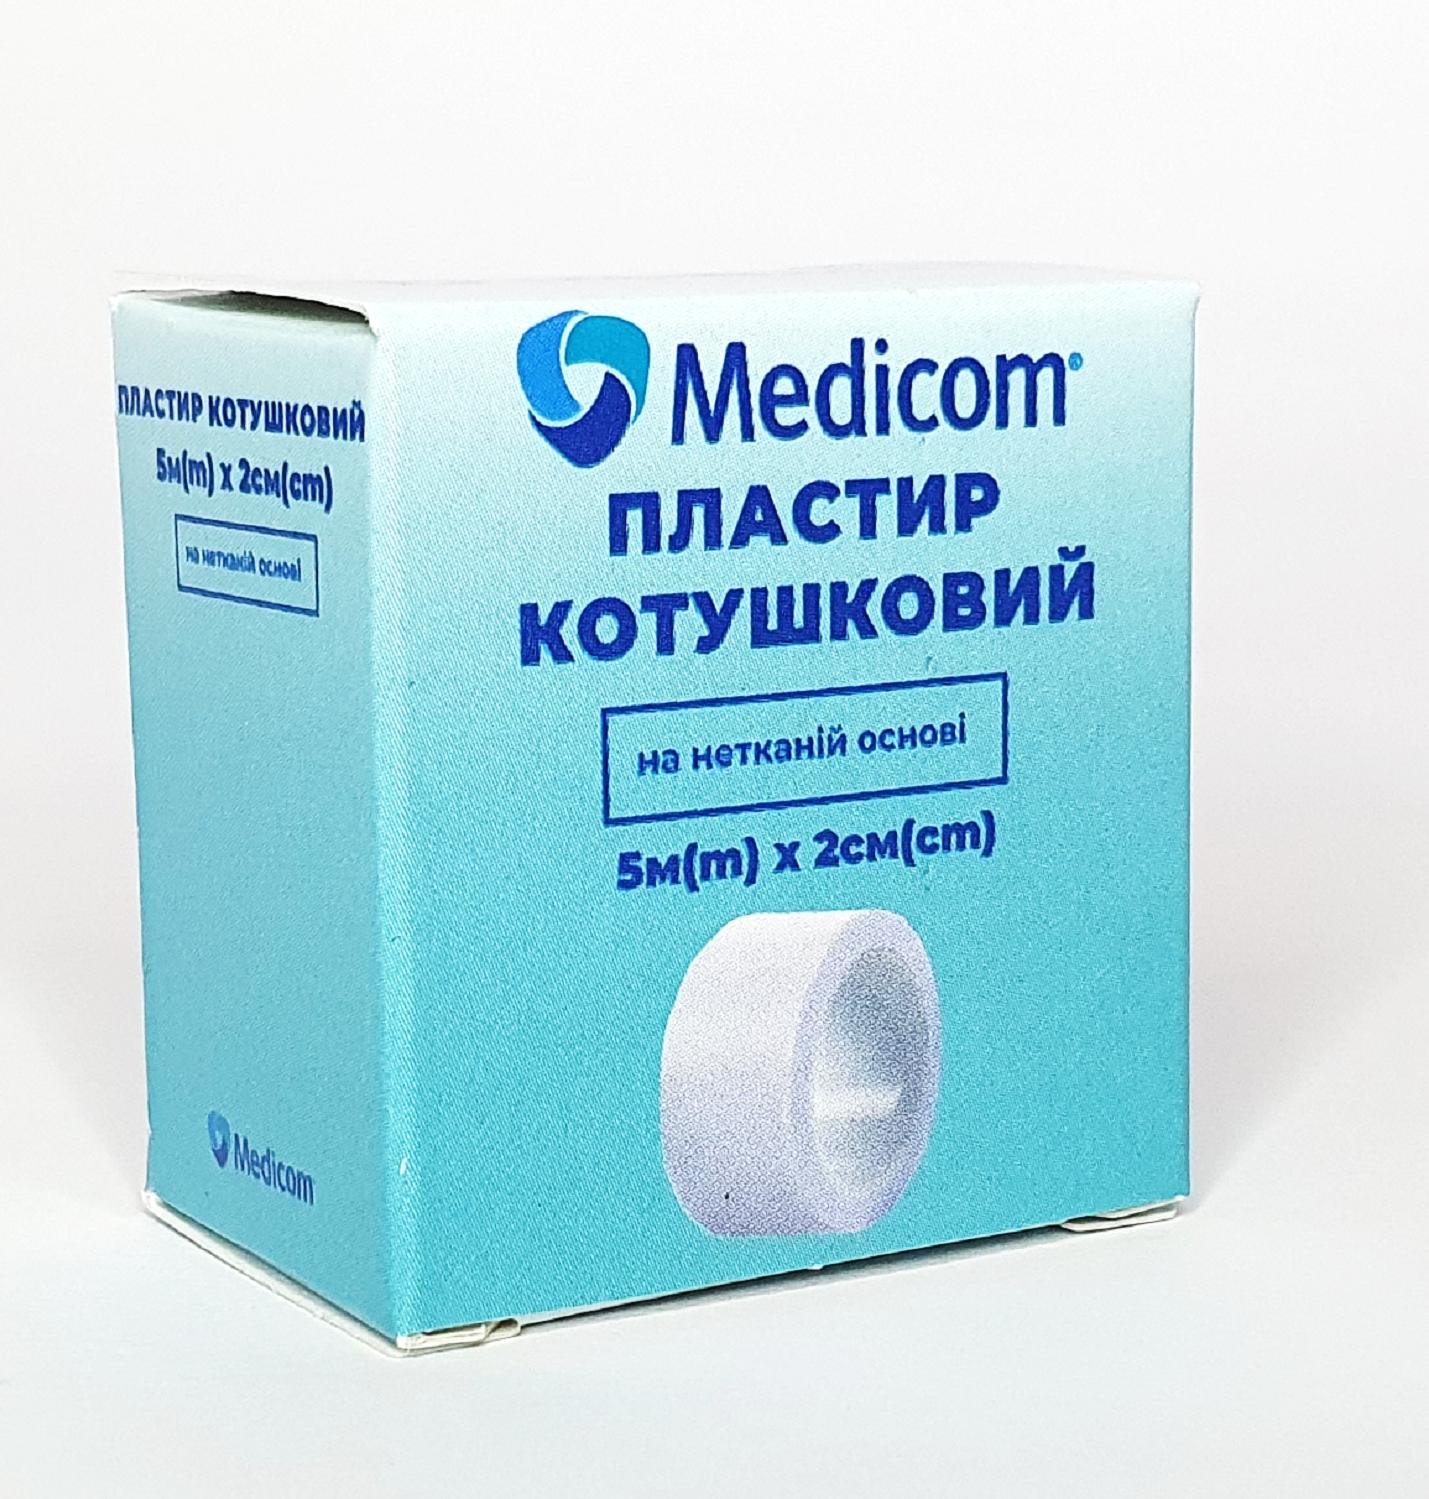 Артикул 3452mc. Пластырь медицинский катушечный MEDICOM® на нетканой основе, 5м*2см